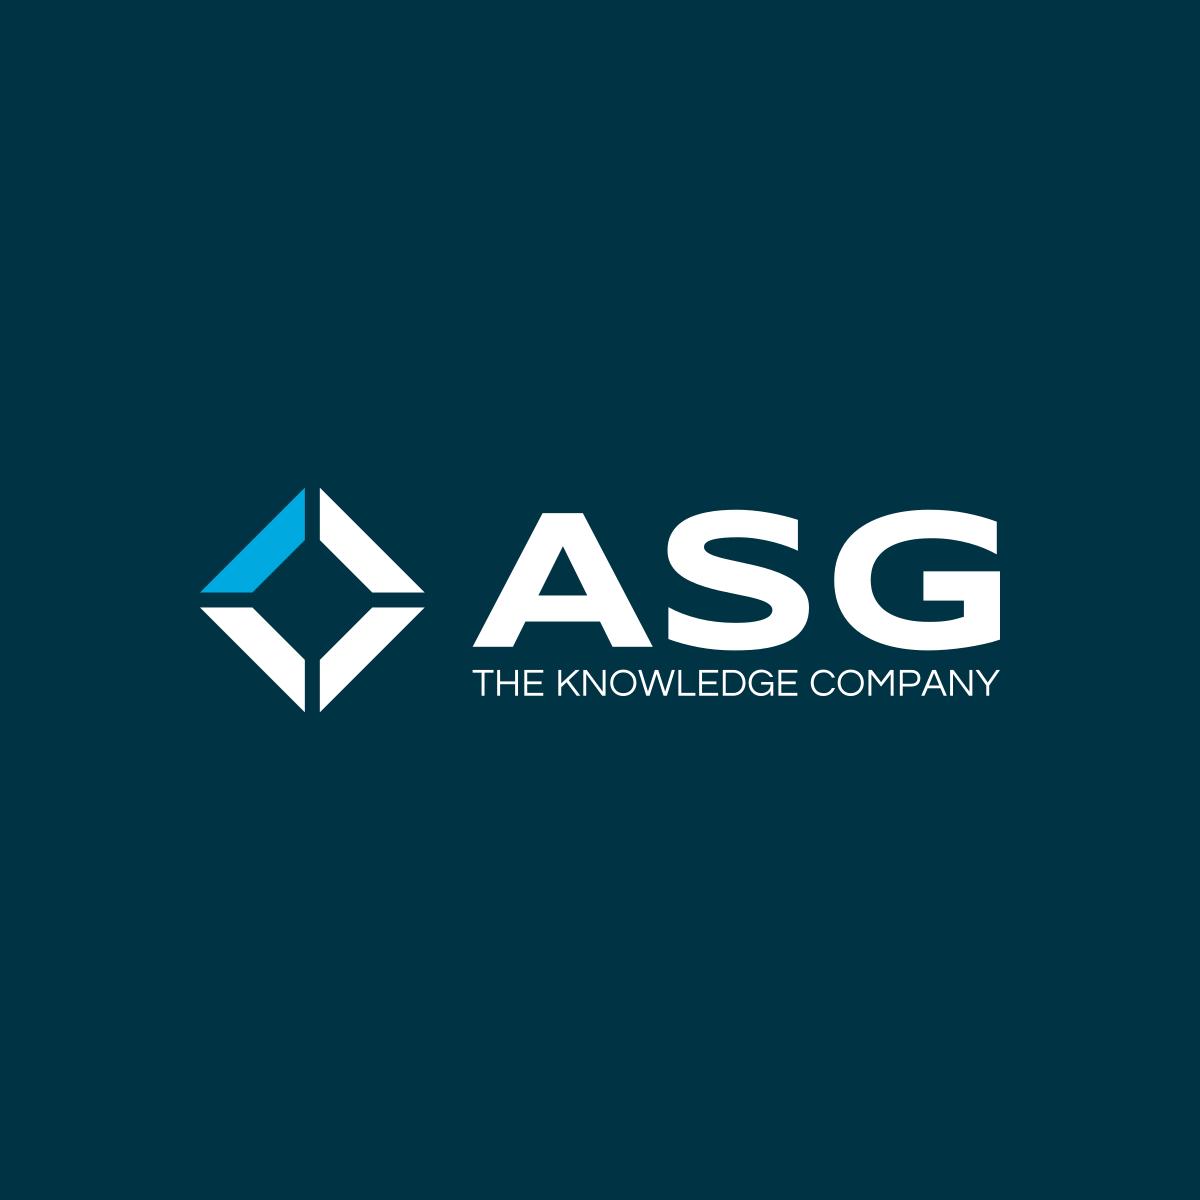 asg-logo-dark-bg-1200x1200